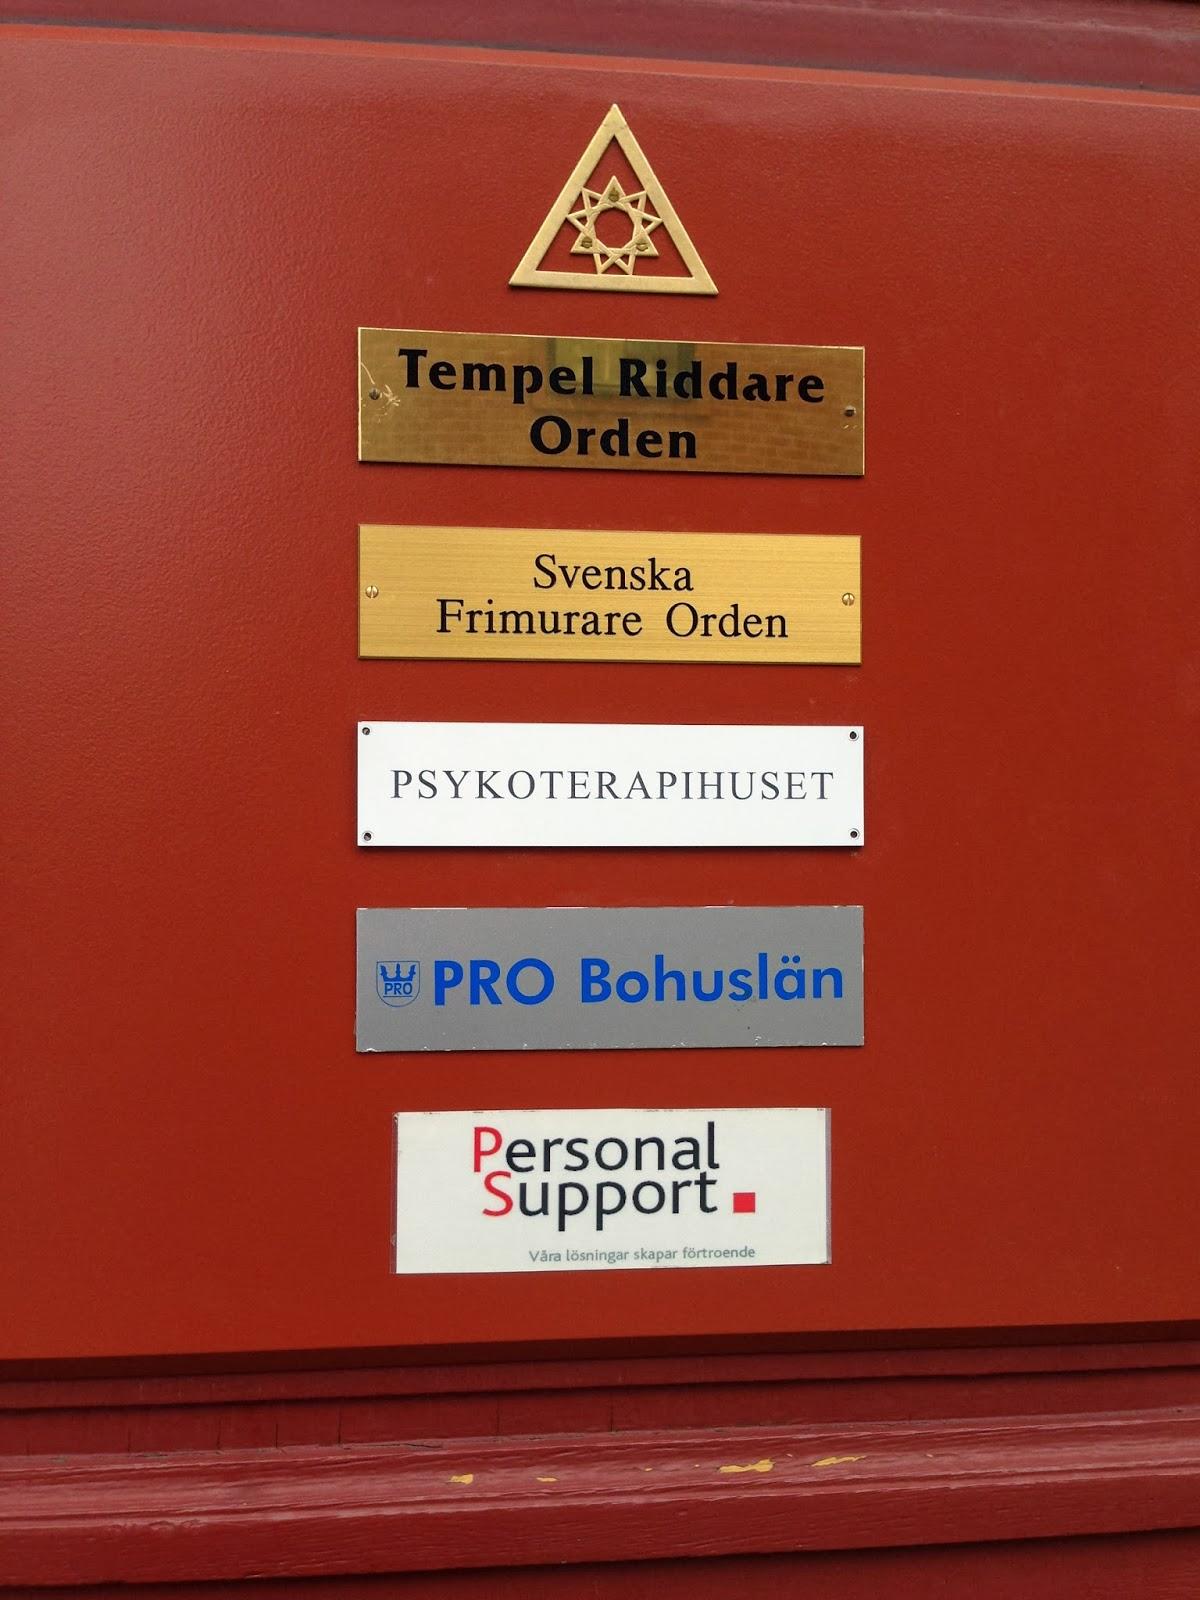 Idag kan man finna dessa namn  Tempel Riddare Orden a9f4ec3572754